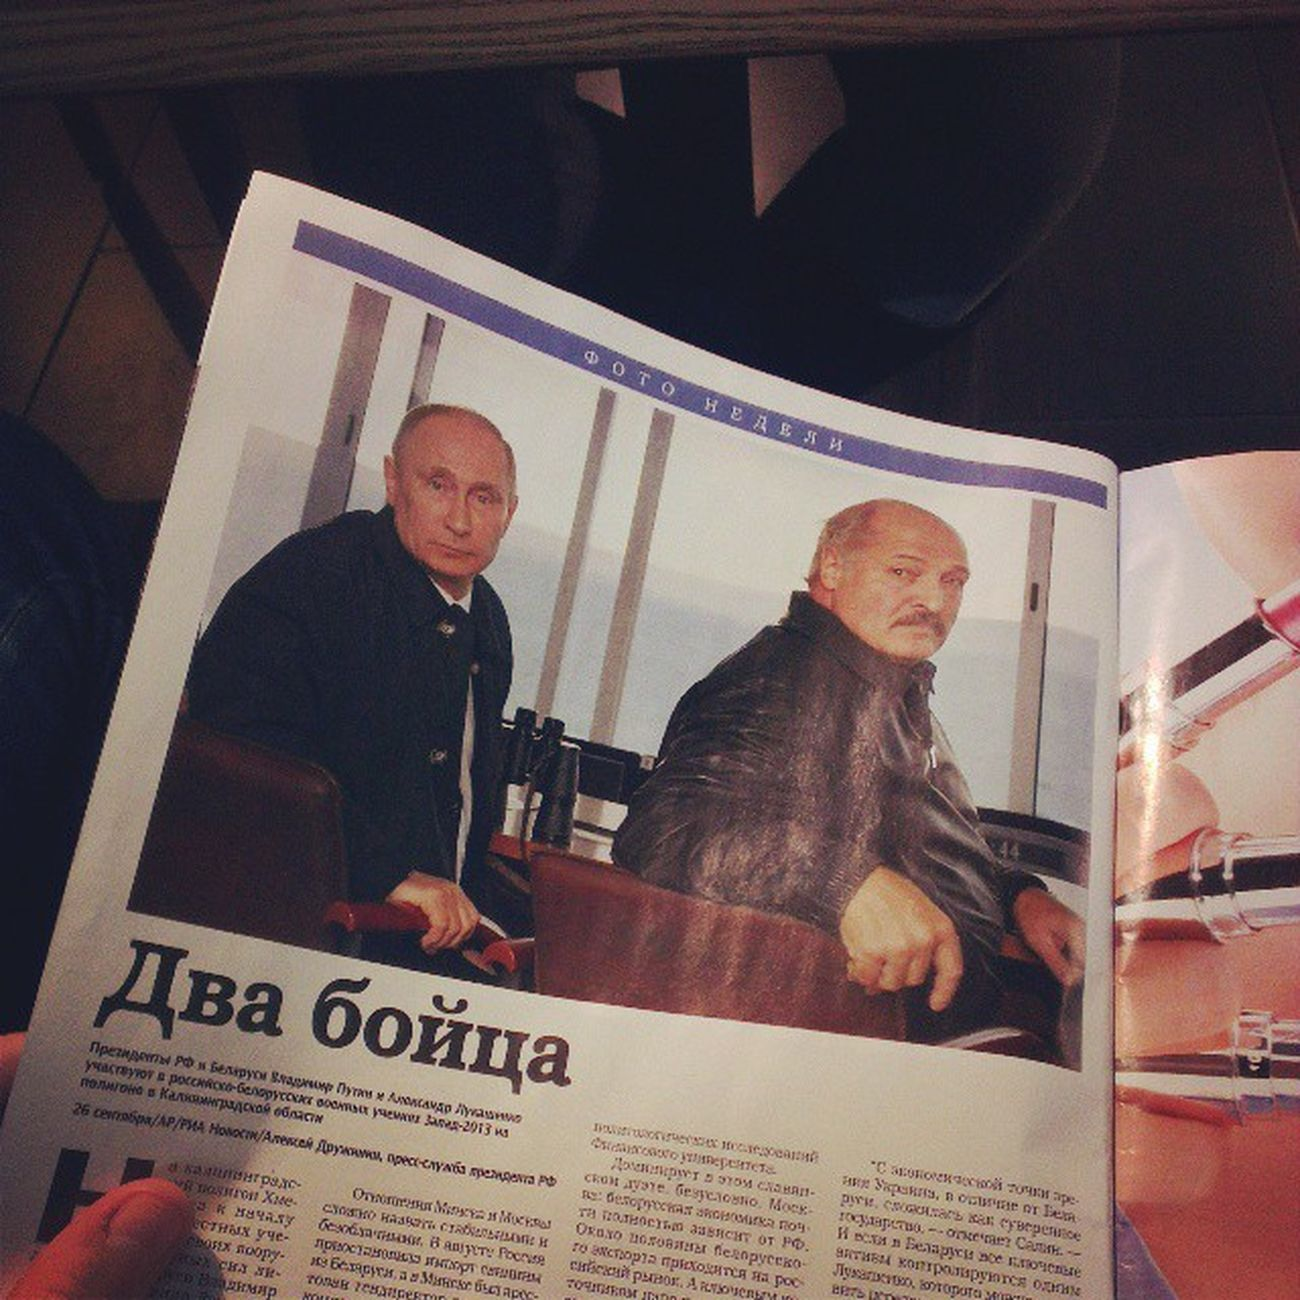 Так палят, что аж захотелось заинстаграмить их) путин Лукашенко Россия беларусь Ru By